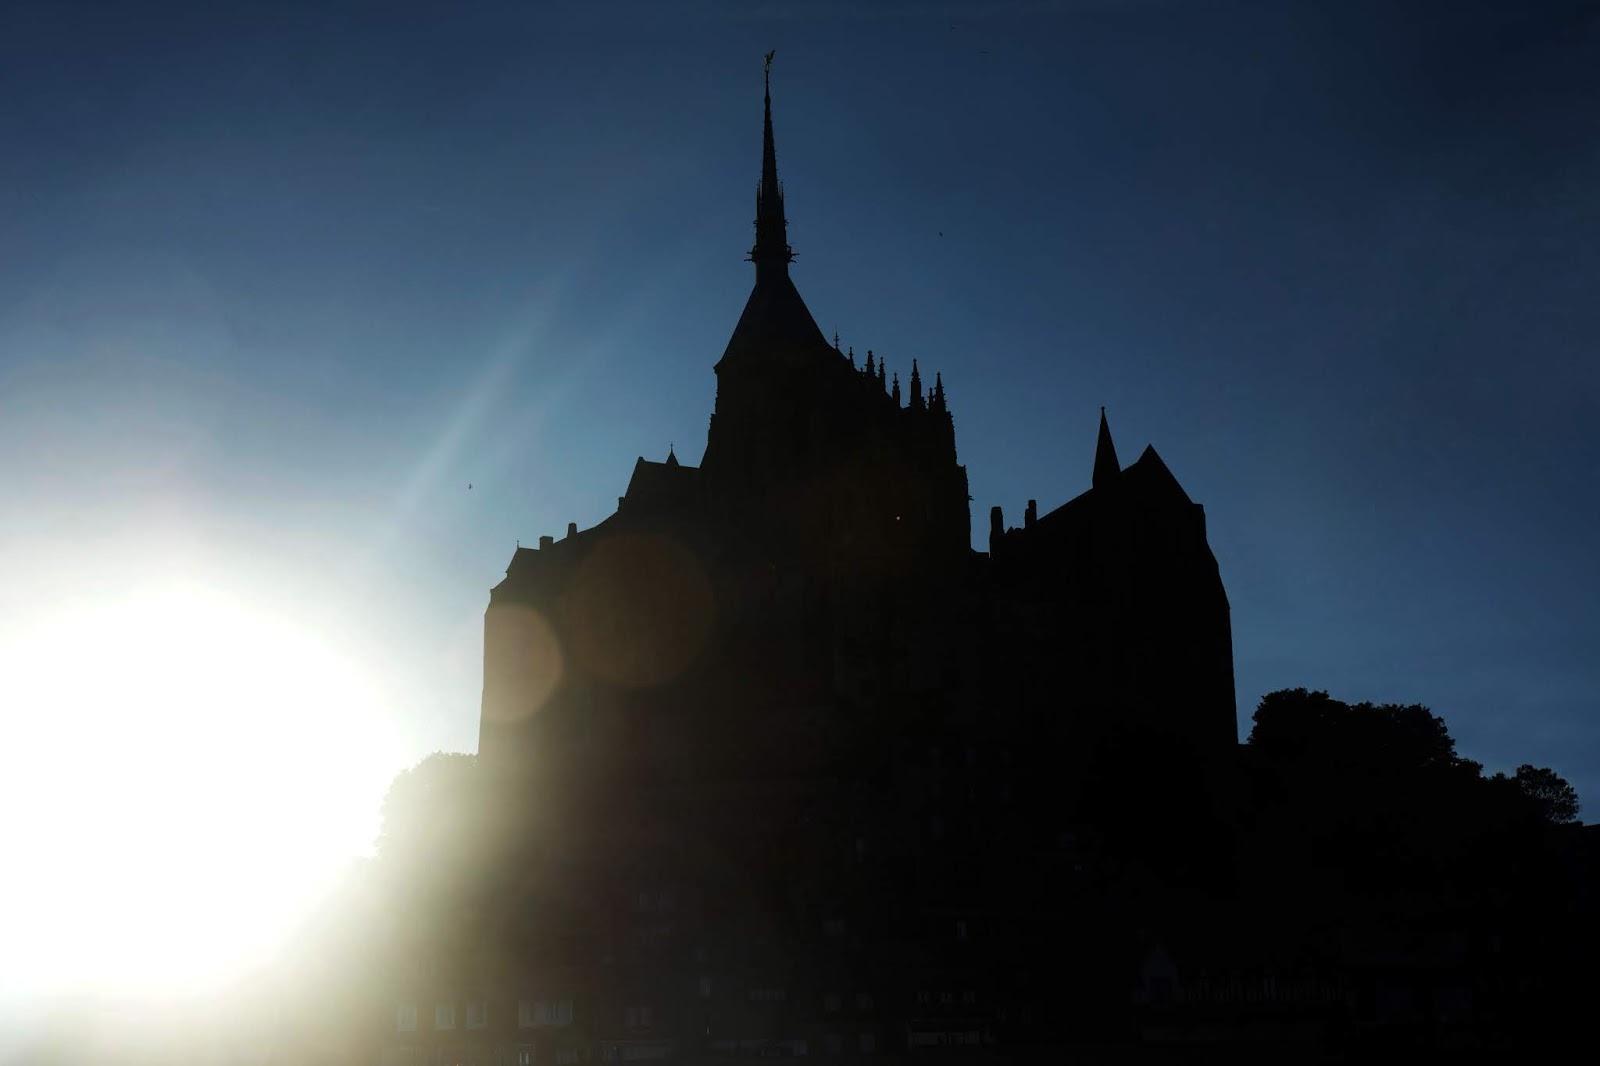 Mont Saint-Michel, France 2018